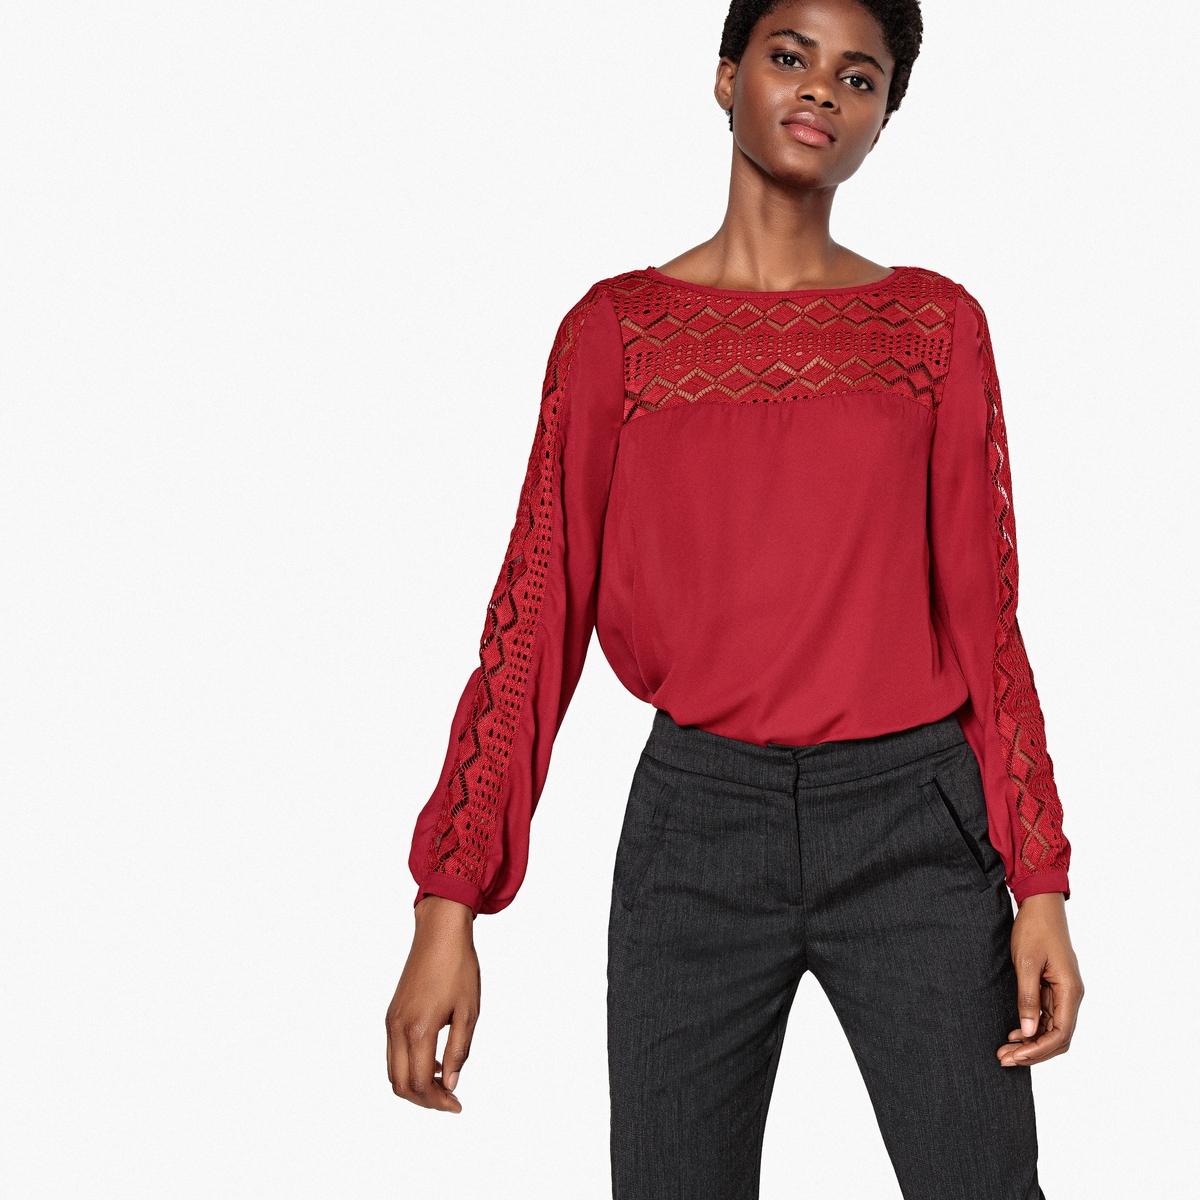 Blusa de dos tejidos, encaje en escote y mangas